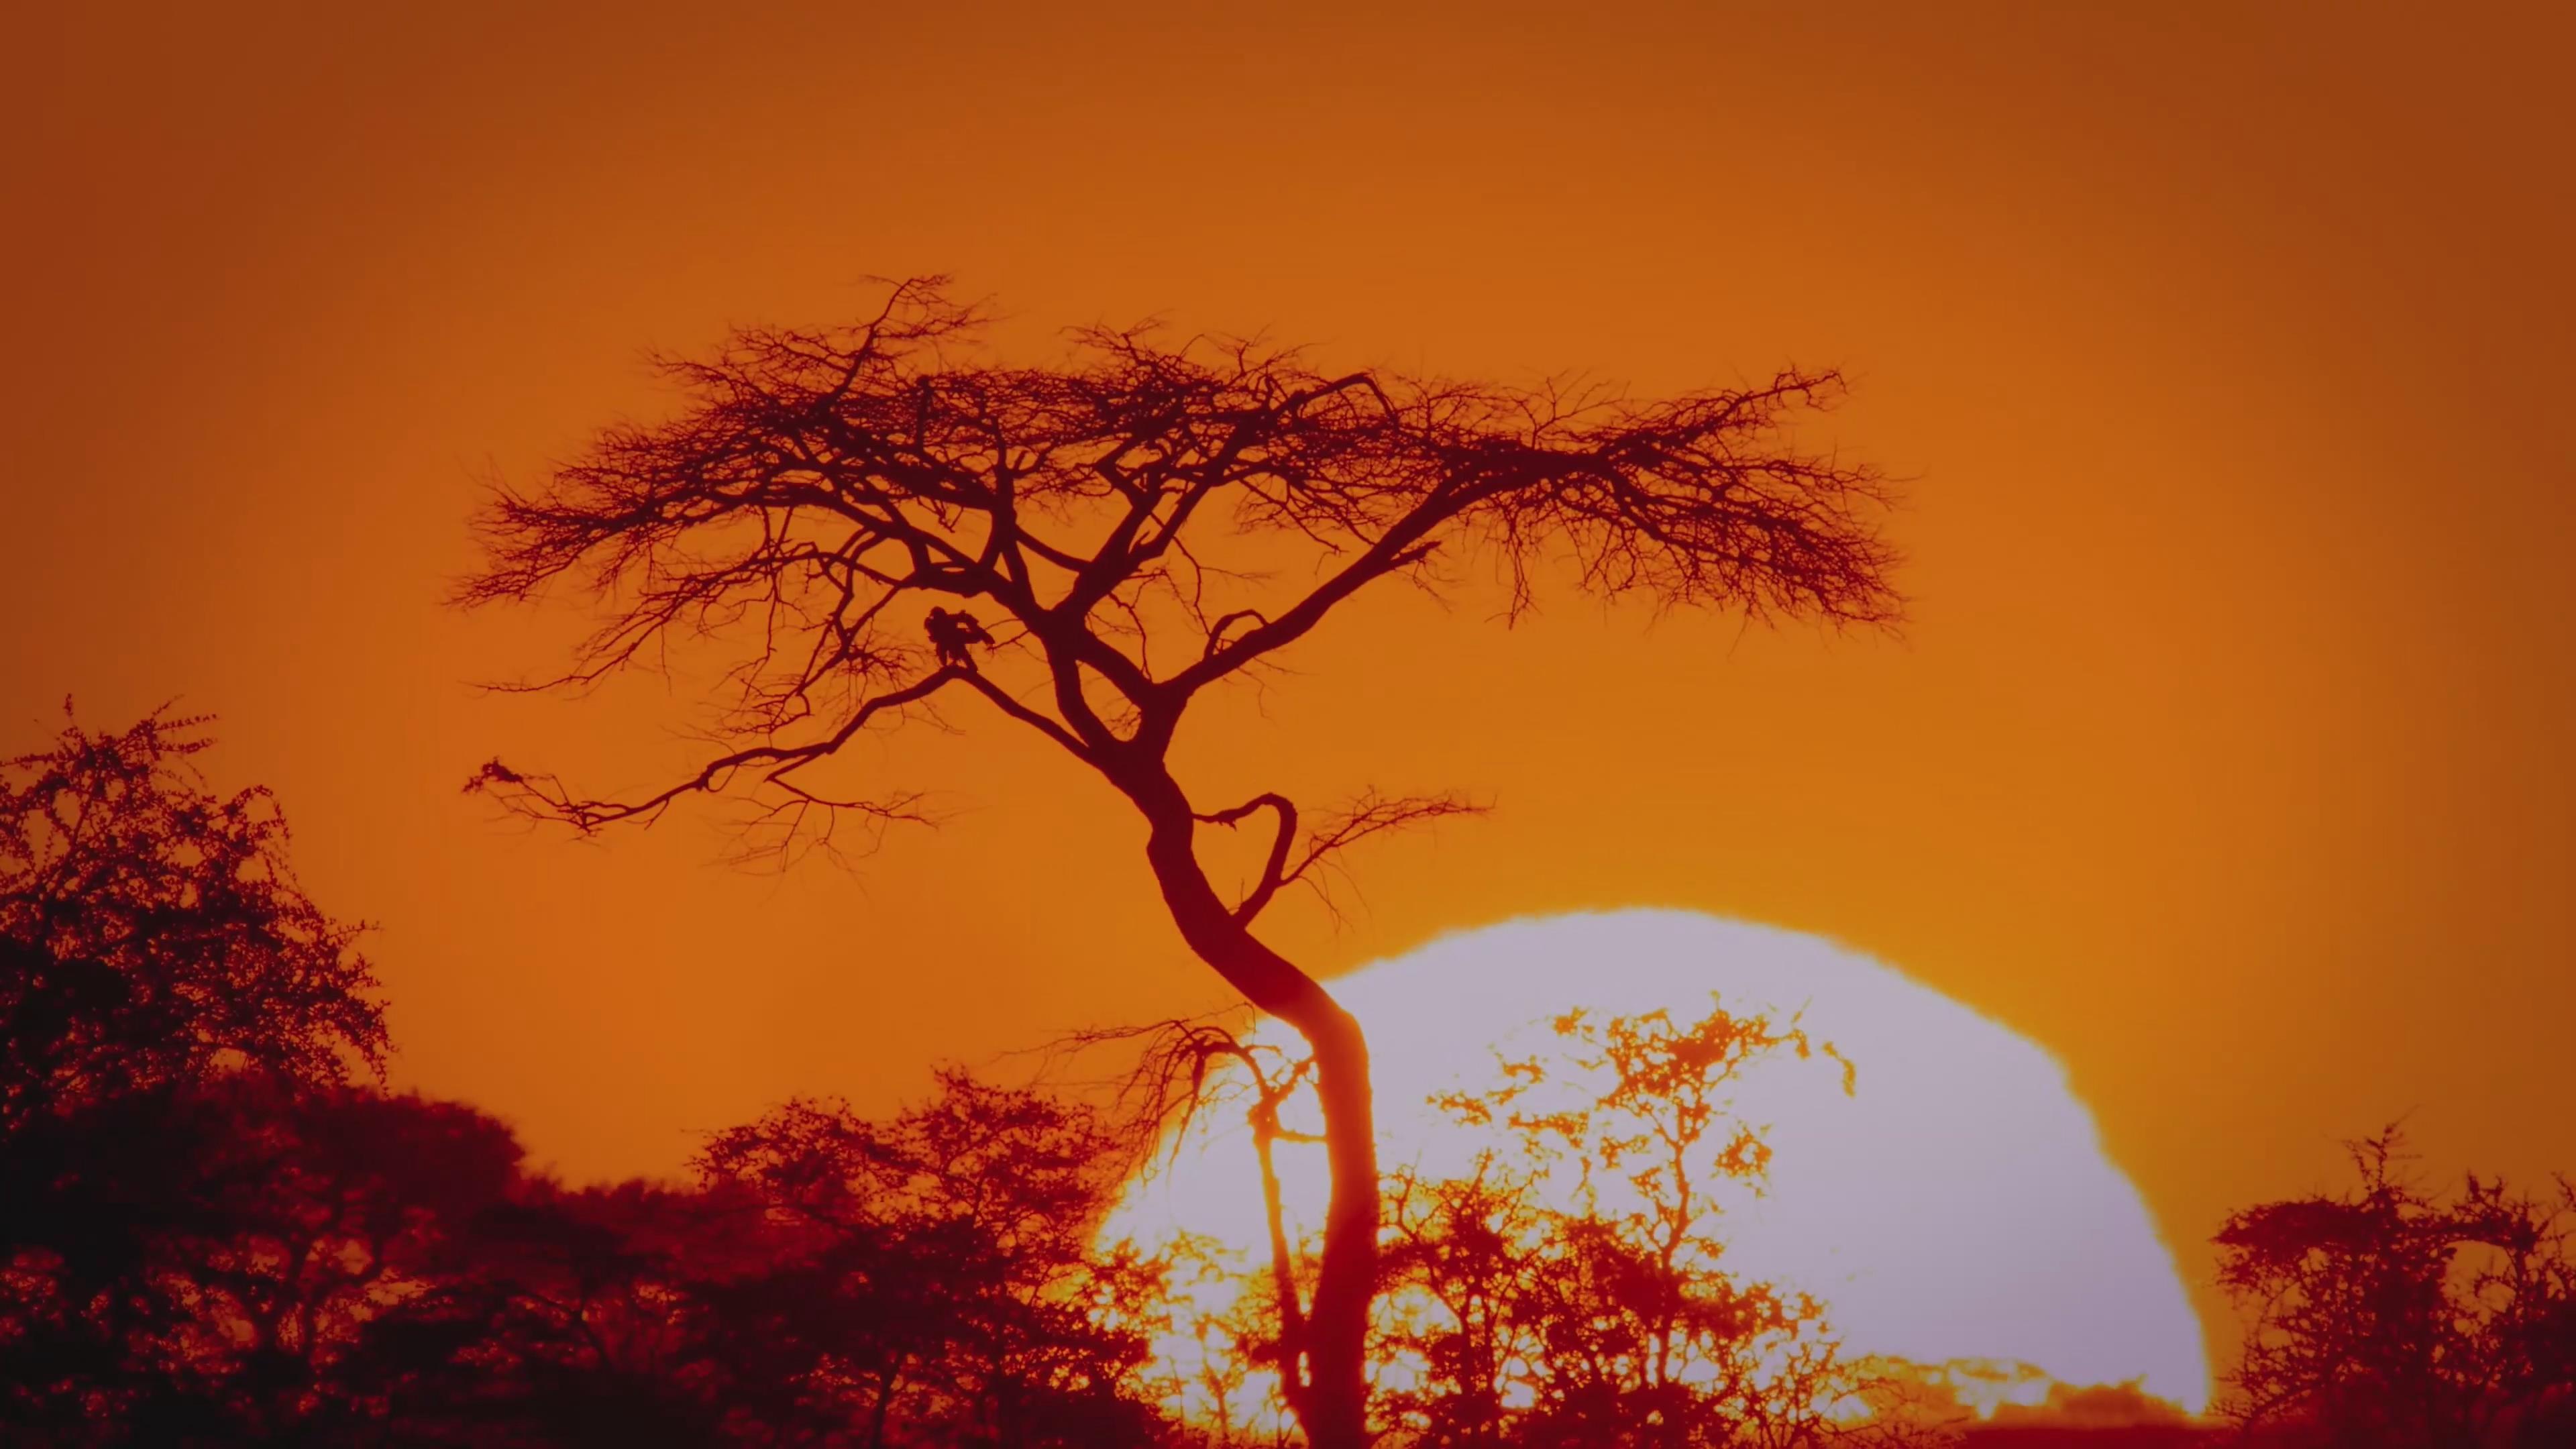 动物世界 动物 狮子 豹子 长颈鹿 斑马 角马 河马 迁徙 大草原 非洲大草原 日出 风暴 暴雨 捕食 捕猎 大象 高温 暴雨 狮吼 4k 航拍 超帅 唯美